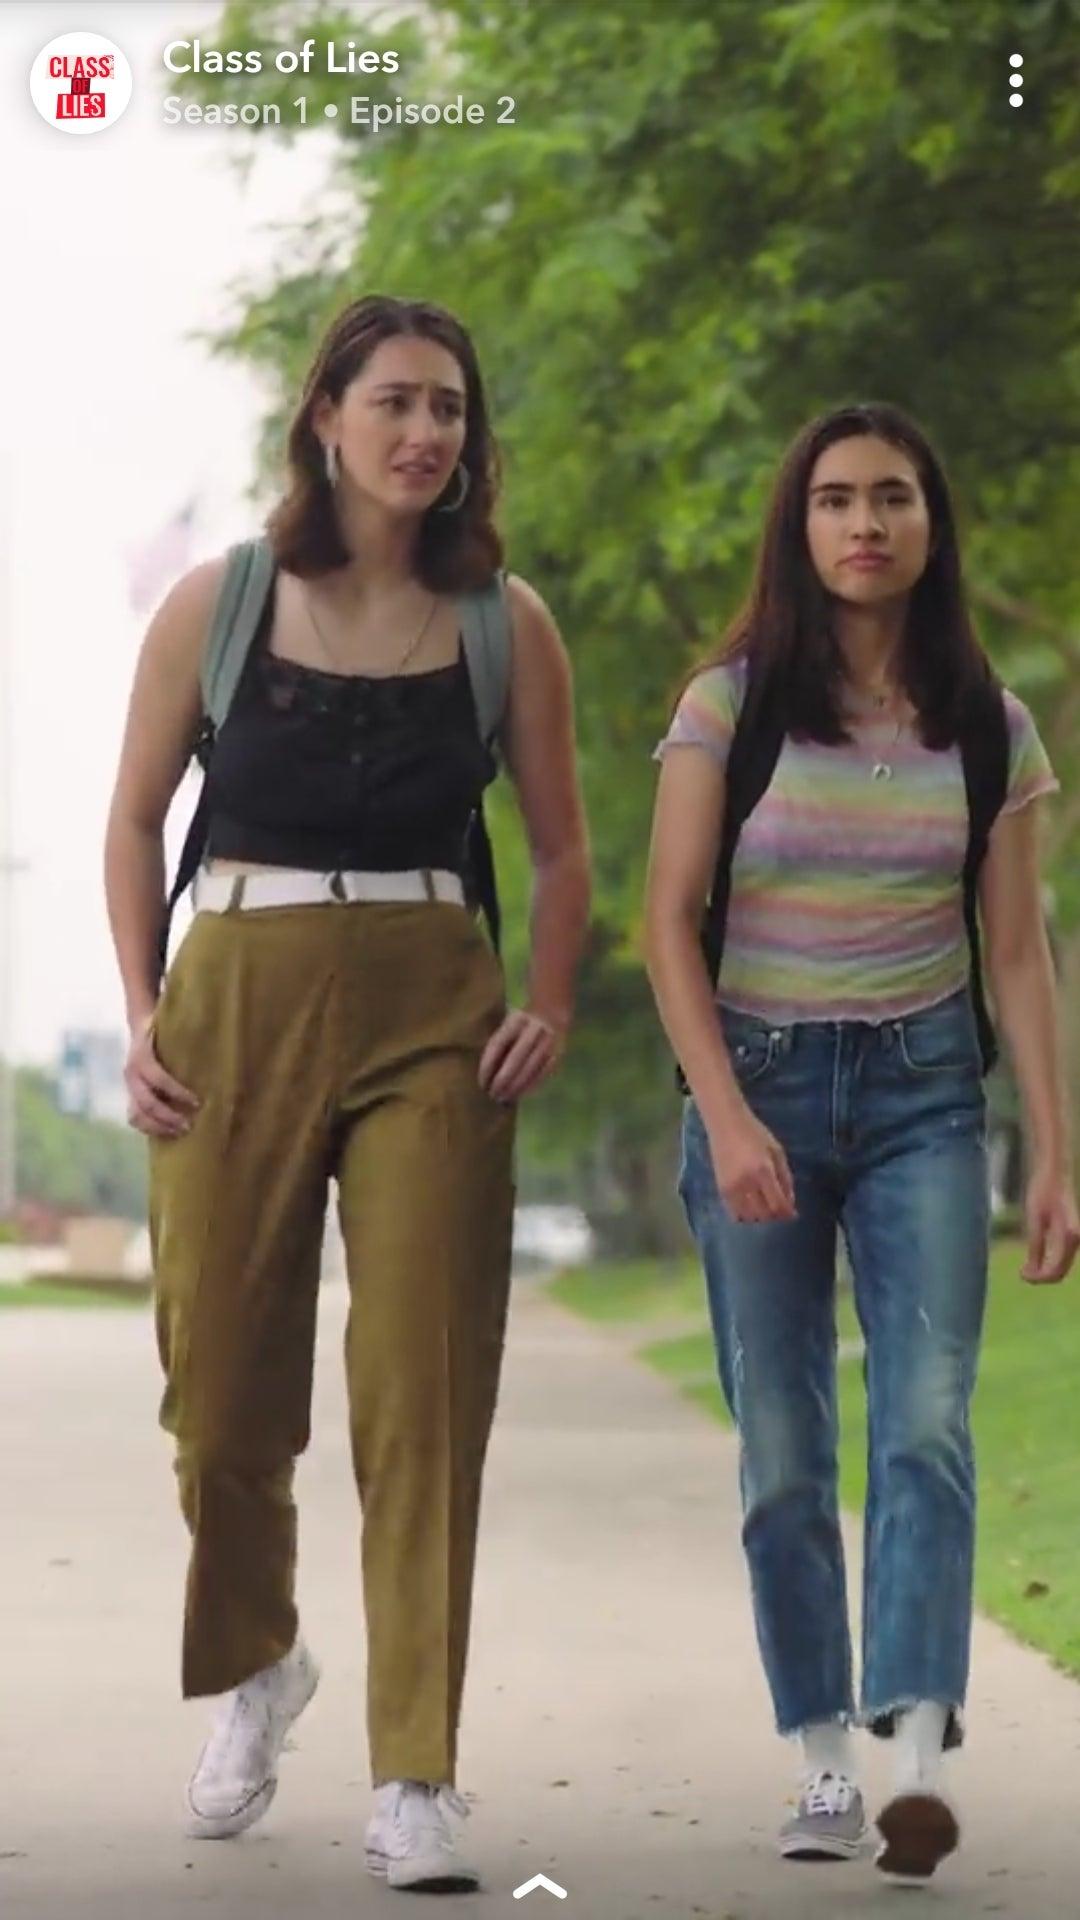 Two young women walking.